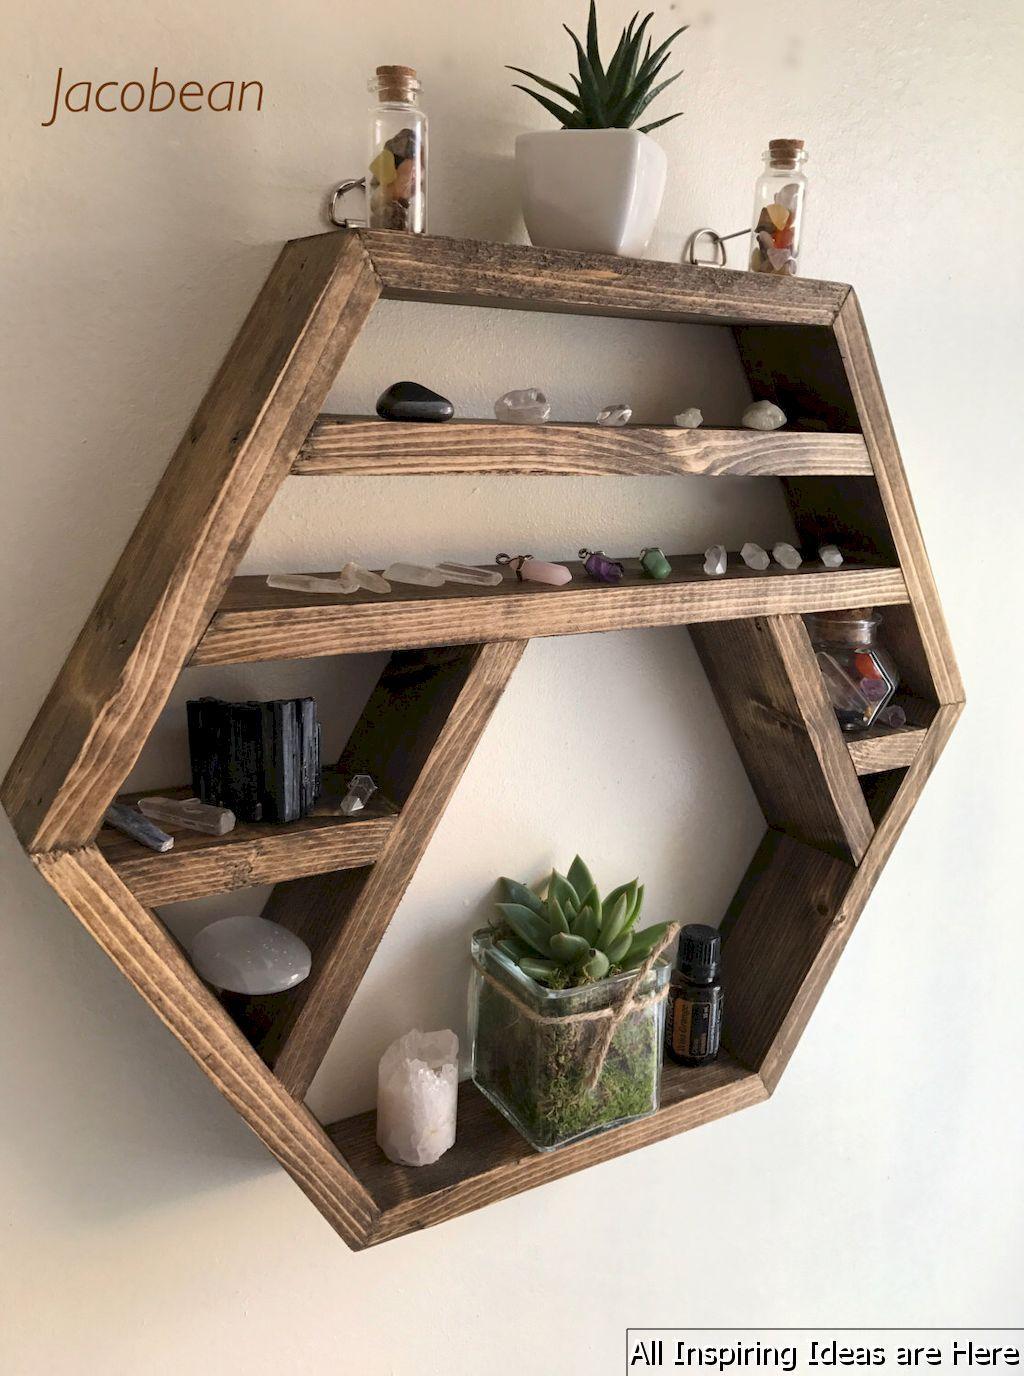 Allthethings Co Is For Sale Floating Shelves Diy Wooden Wall Shelves Wall Shelves Design